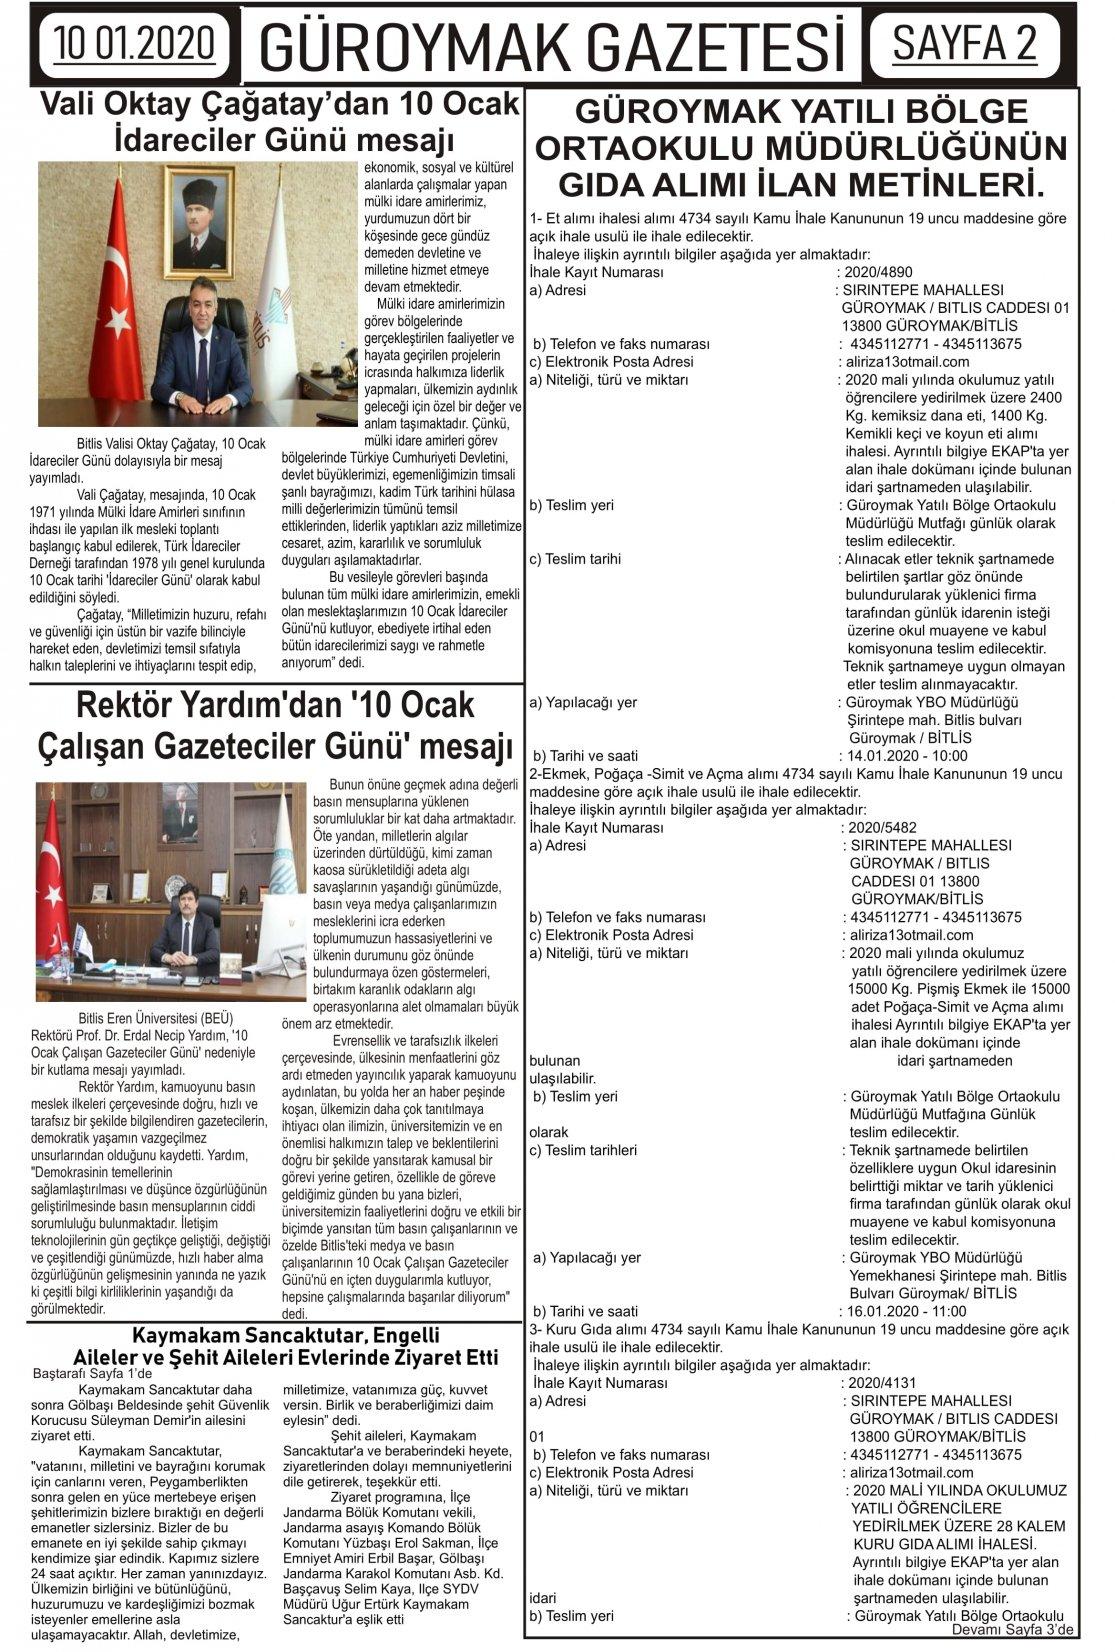 Güroymak Gazetesi 2-1.jpg Sayılı Gazete Küpürü